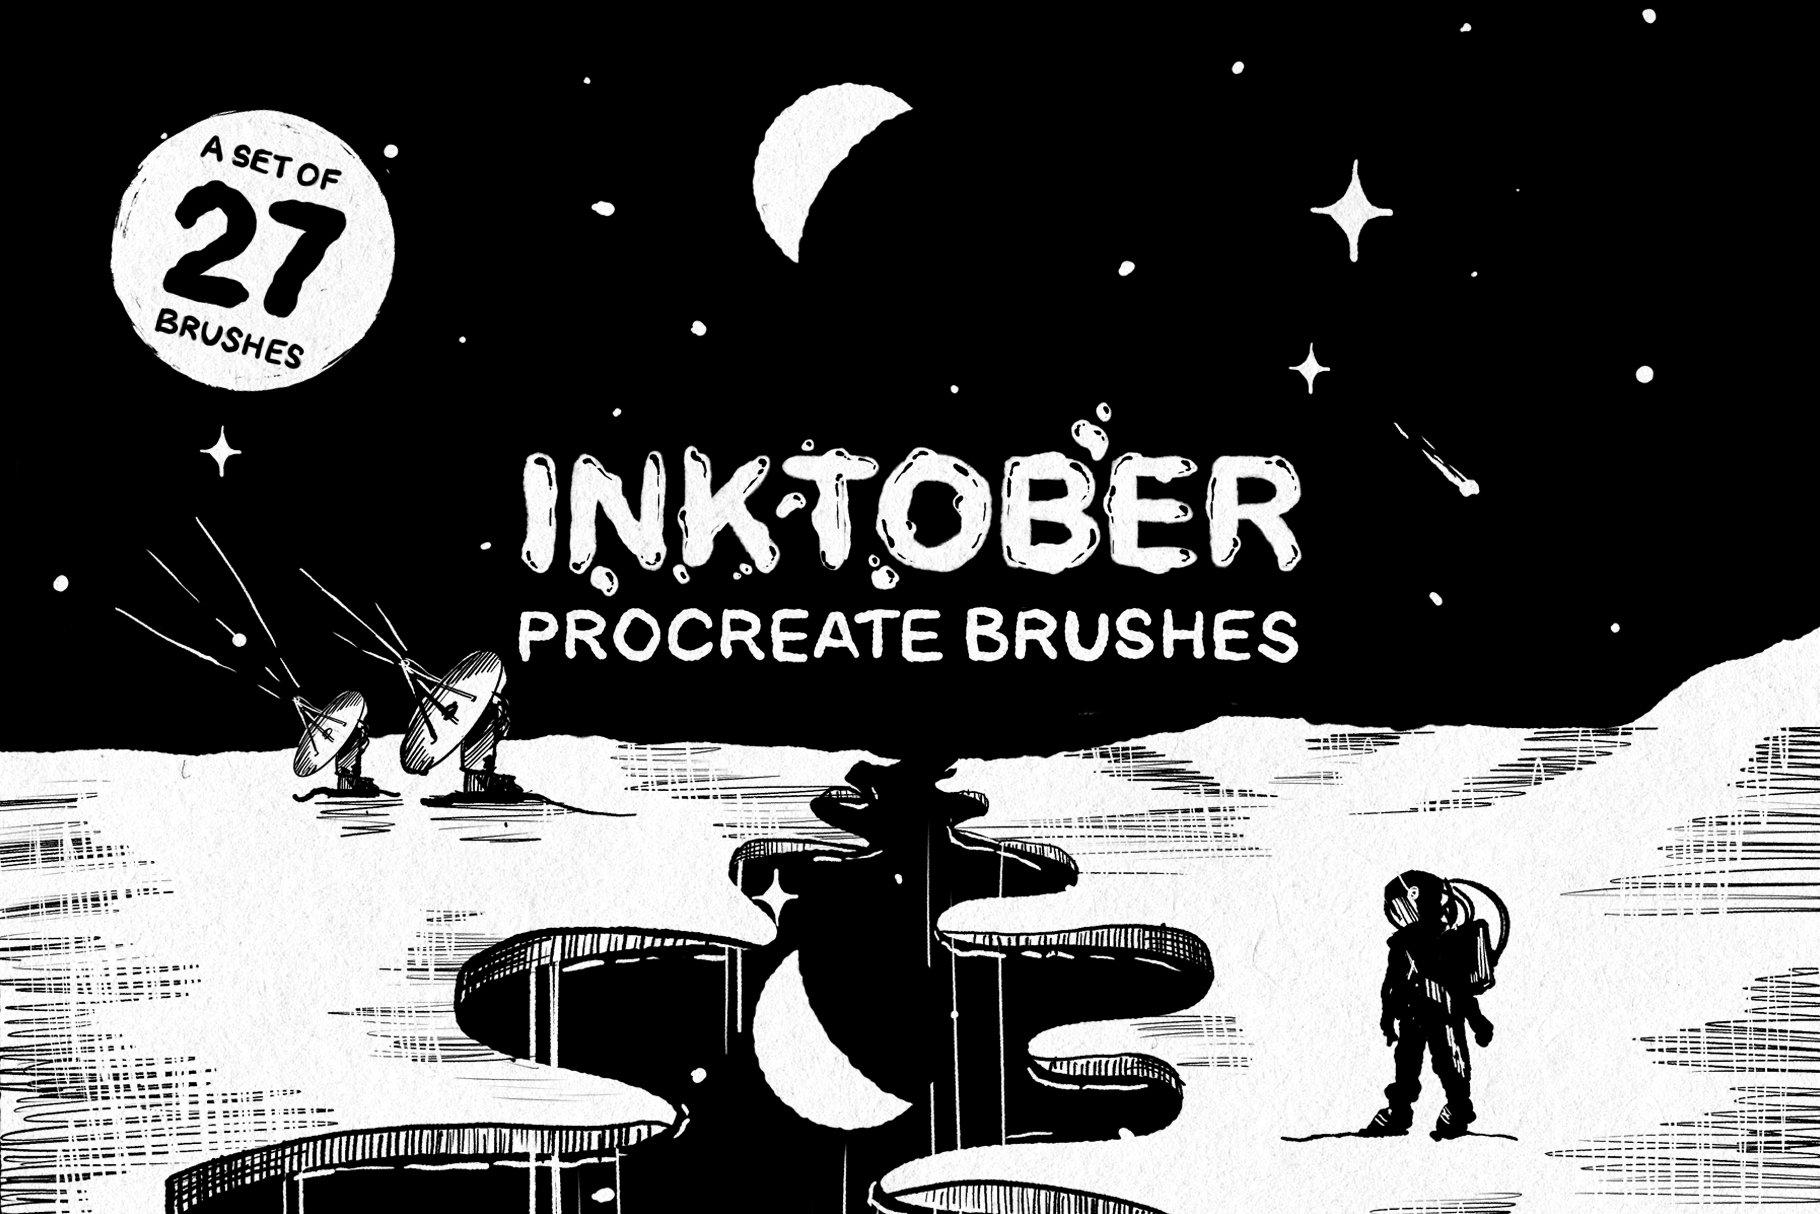 27款墨水阴影点状线条效果绘画画笔Procreate笔刷 Inktober Procreate Brushes插图